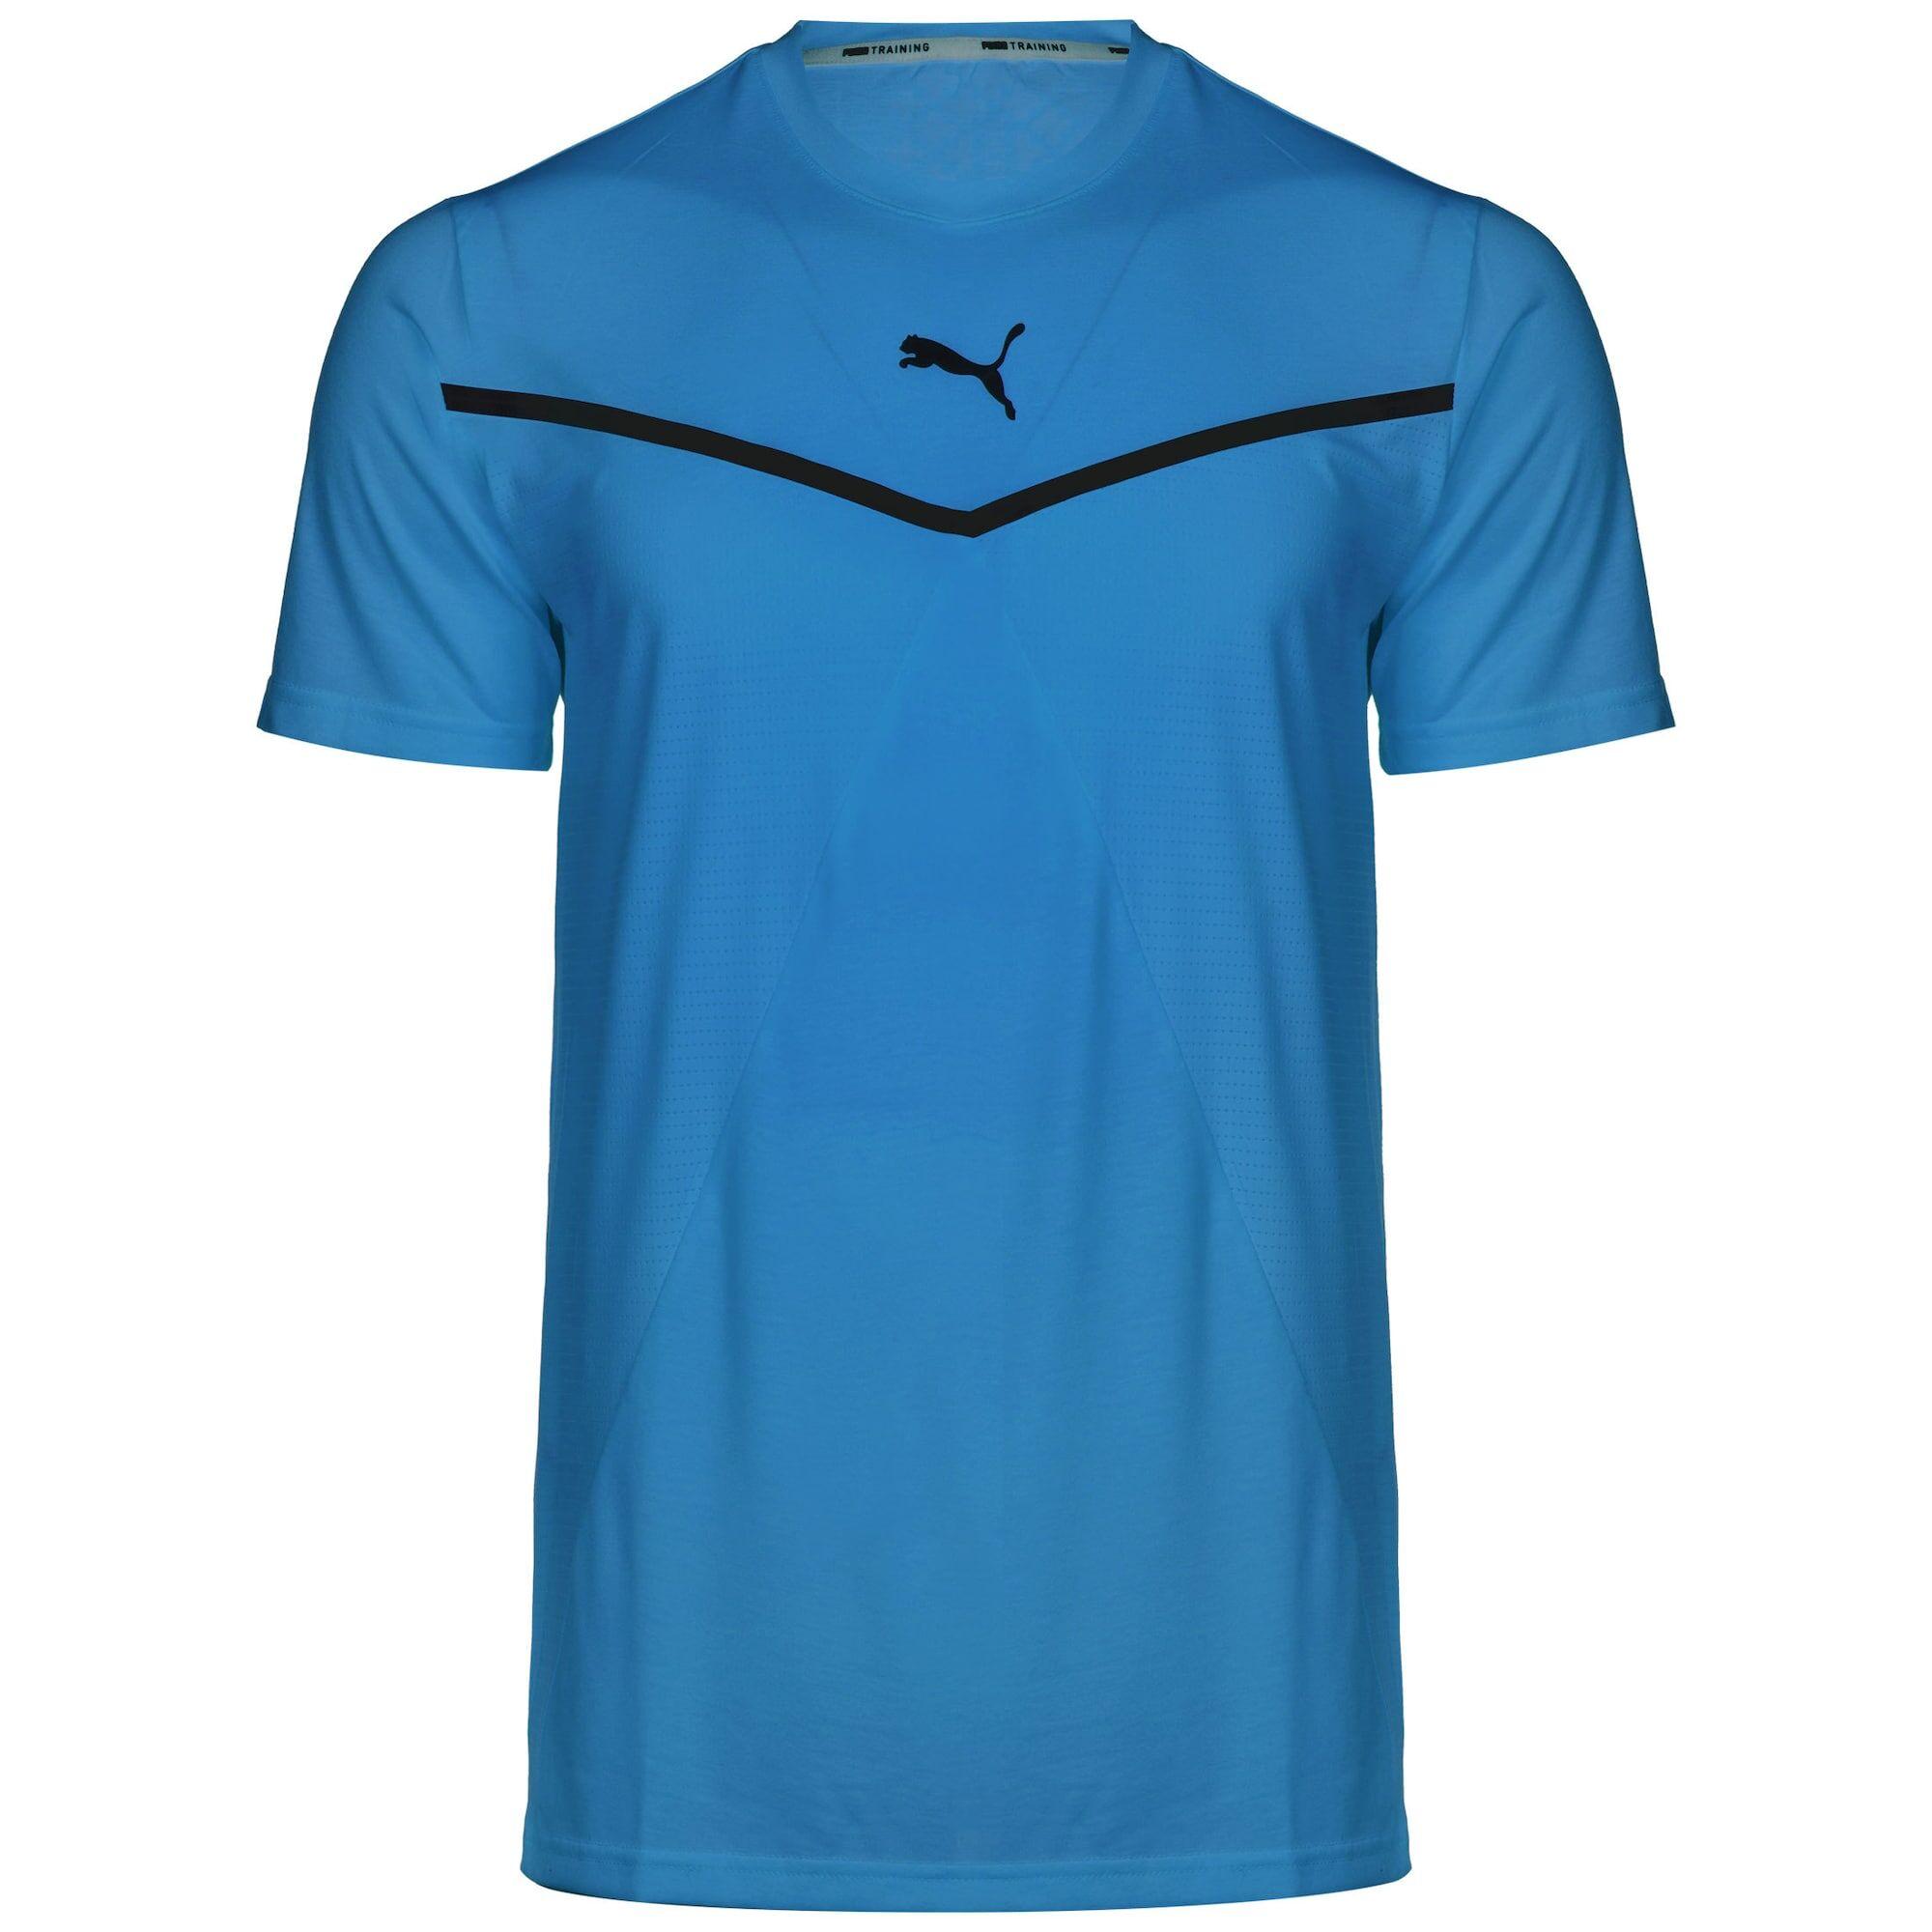 PUMA T-Shirt fonctionnel  - Bleu - Taille: S - male